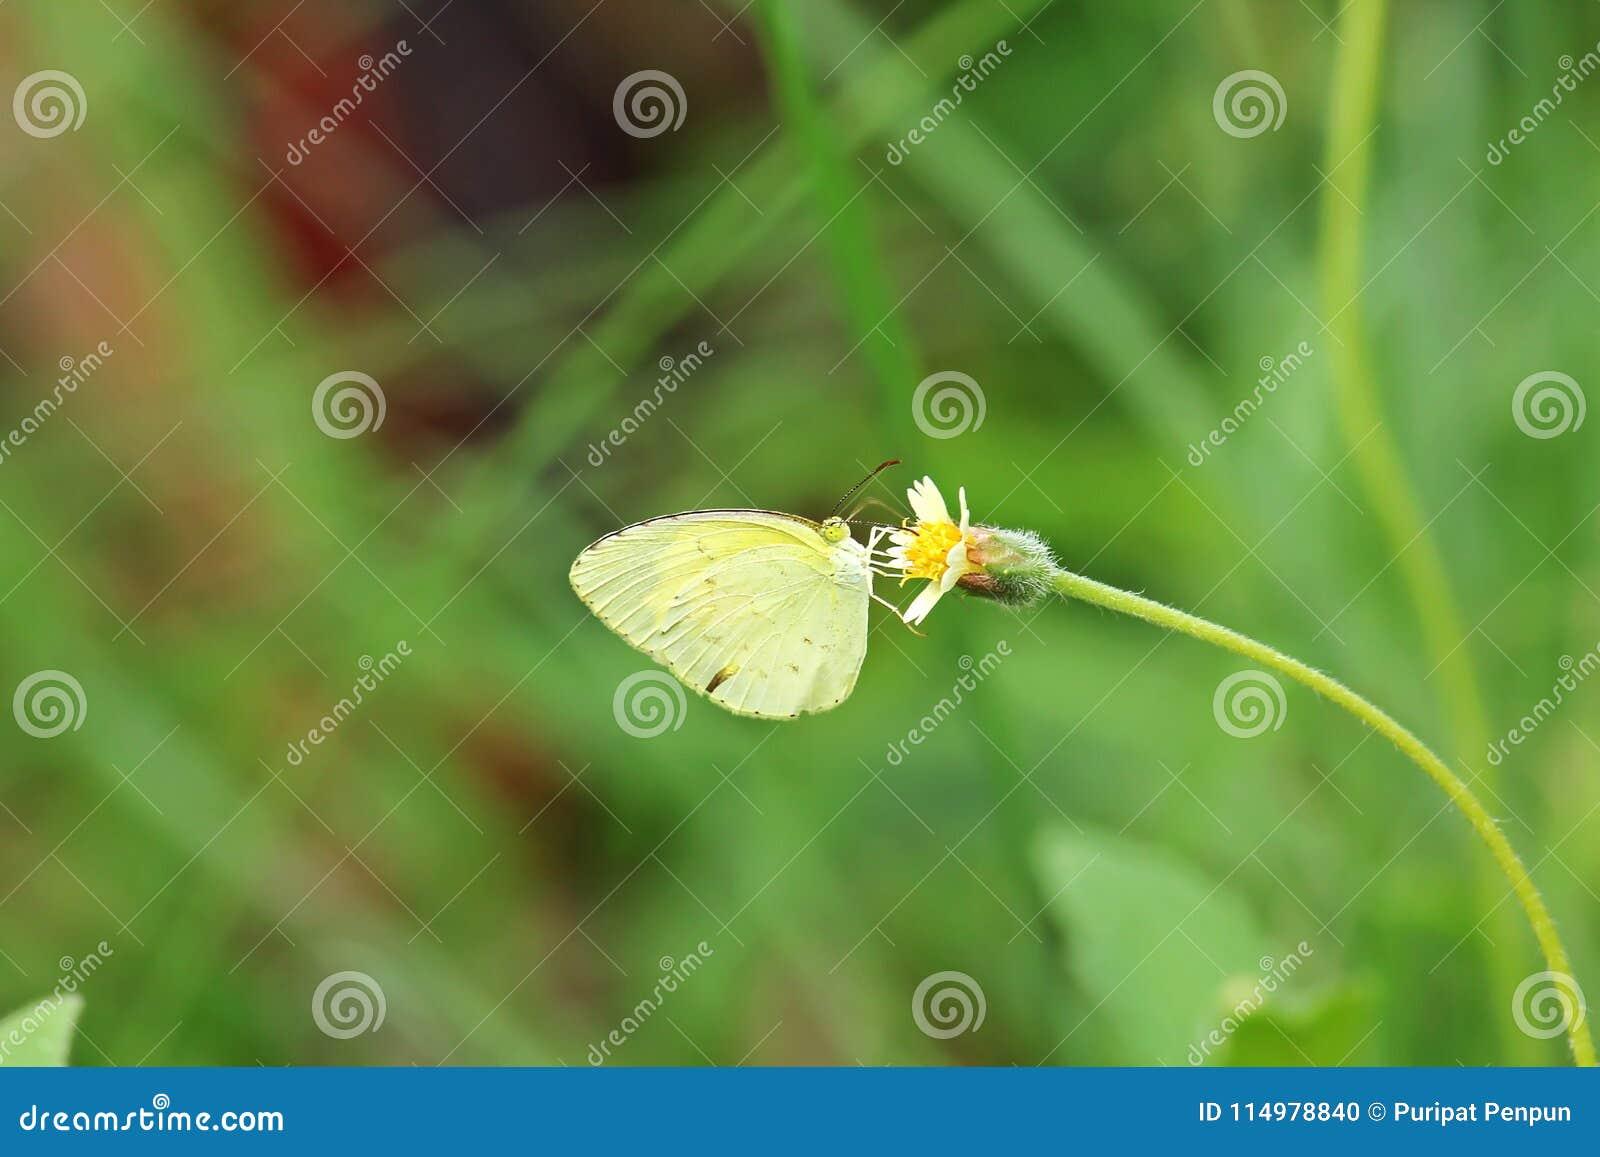 Gemeiner Gras-Gelbschmetterling ist auf einer gelben Blume